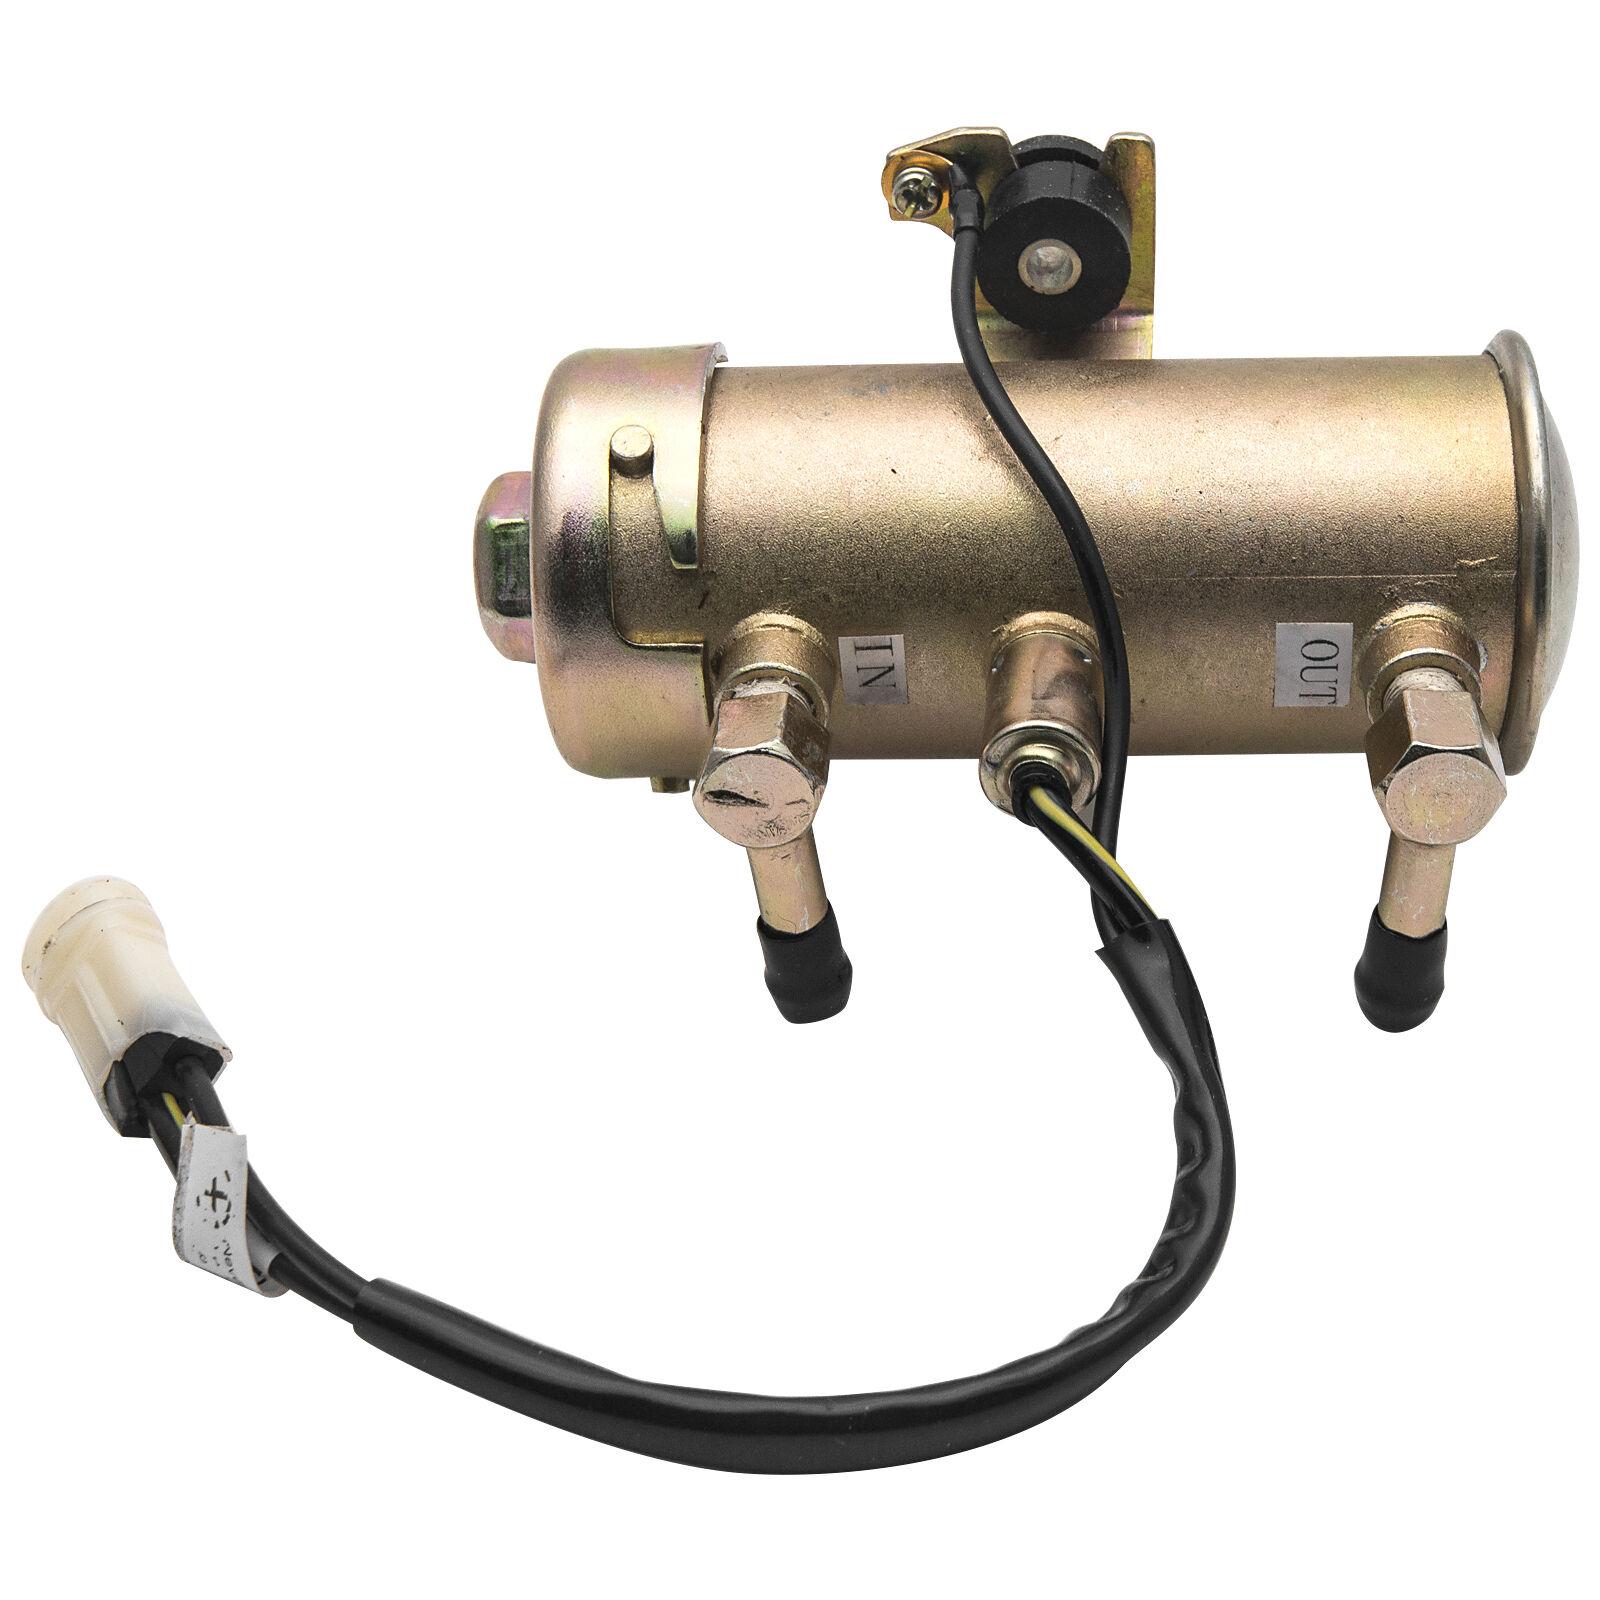 12v voiture universel hi q lectrique pompe carburant essence diesel gaz pompe ebay. Black Bedroom Furniture Sets. Home Design Ideas